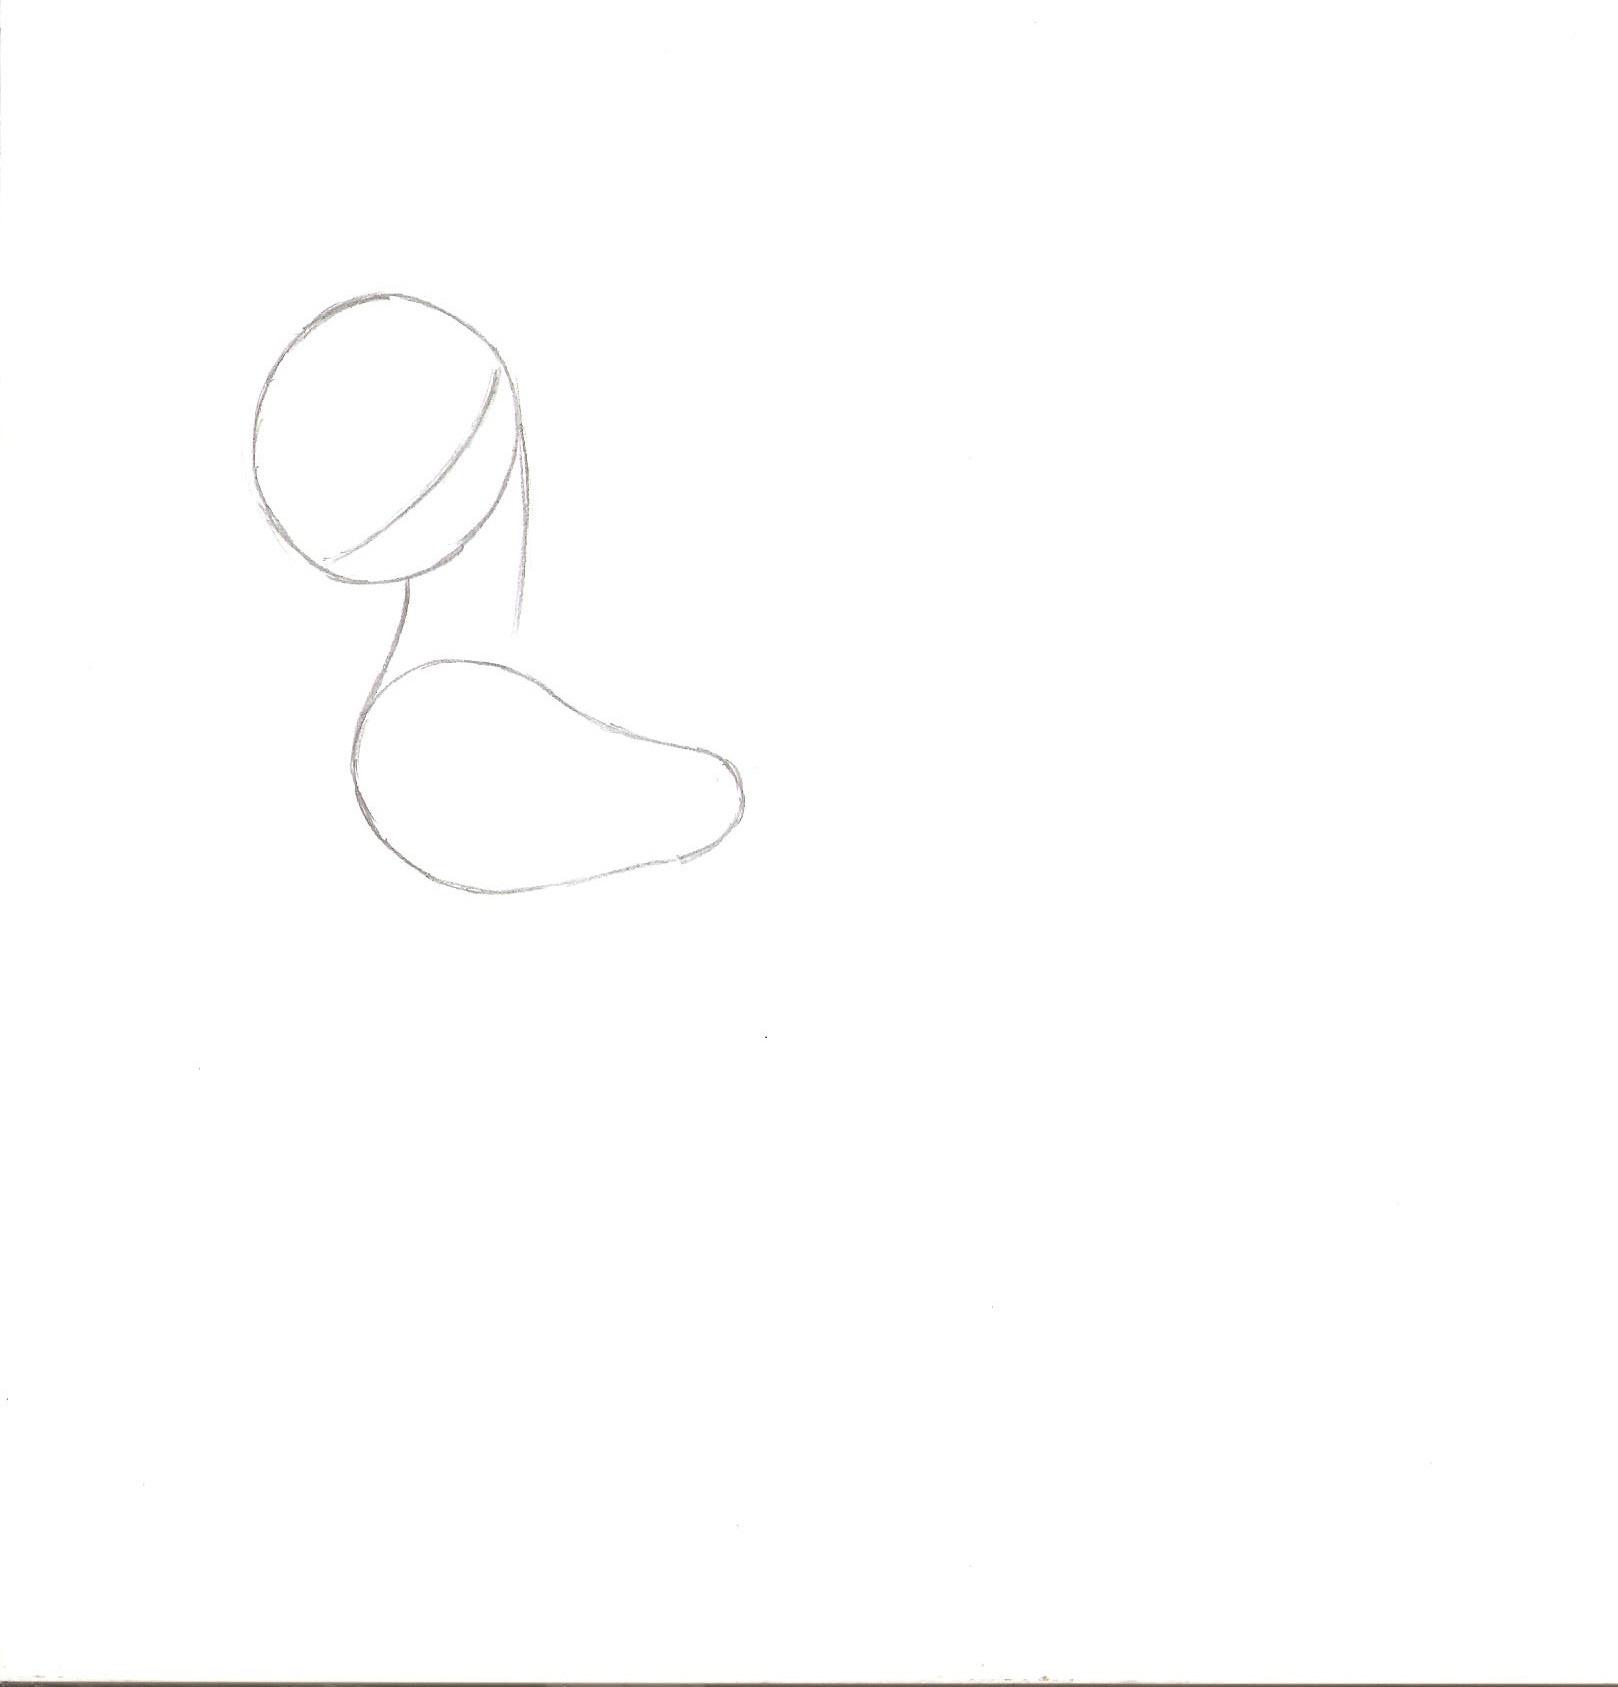 как нарисовать пони луну